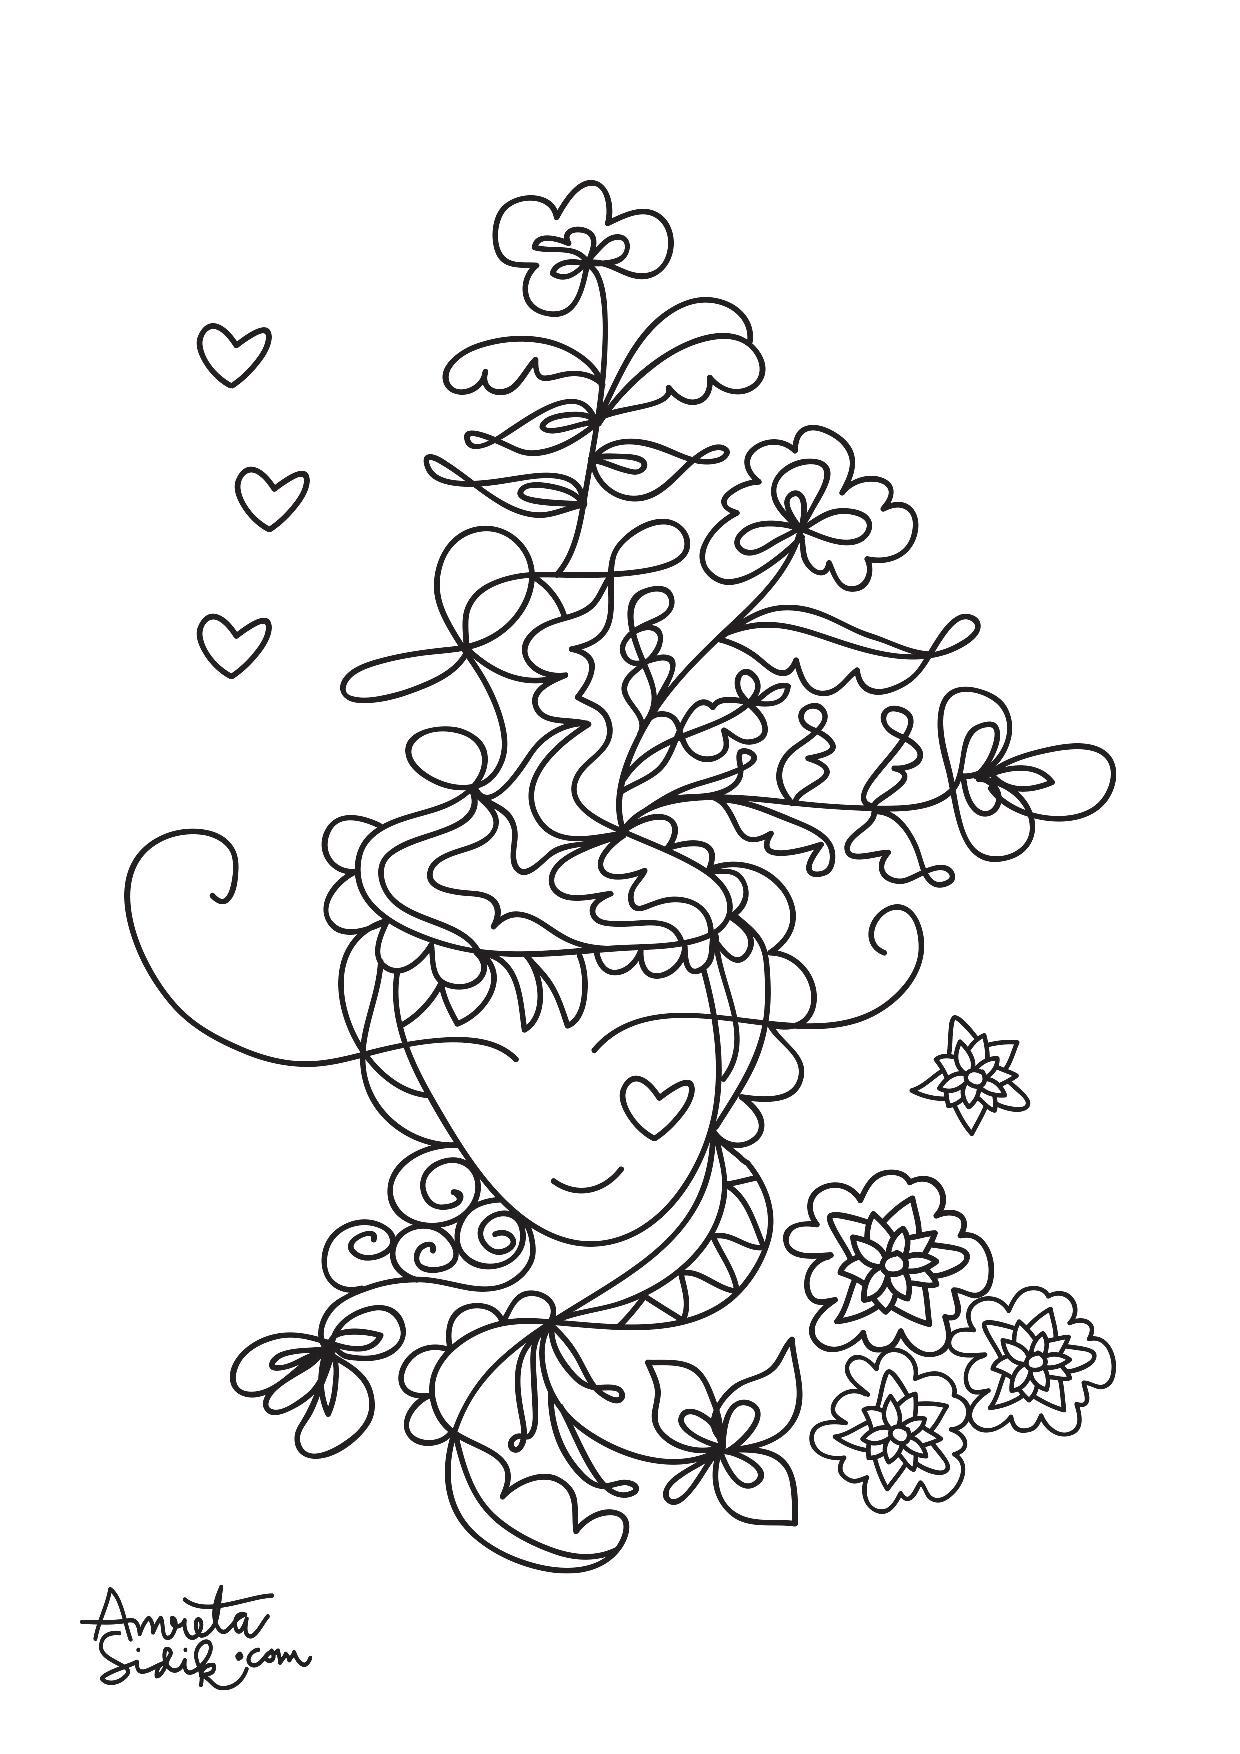 Disegni da colorare per adulti : Anti-stress / Zen - 116